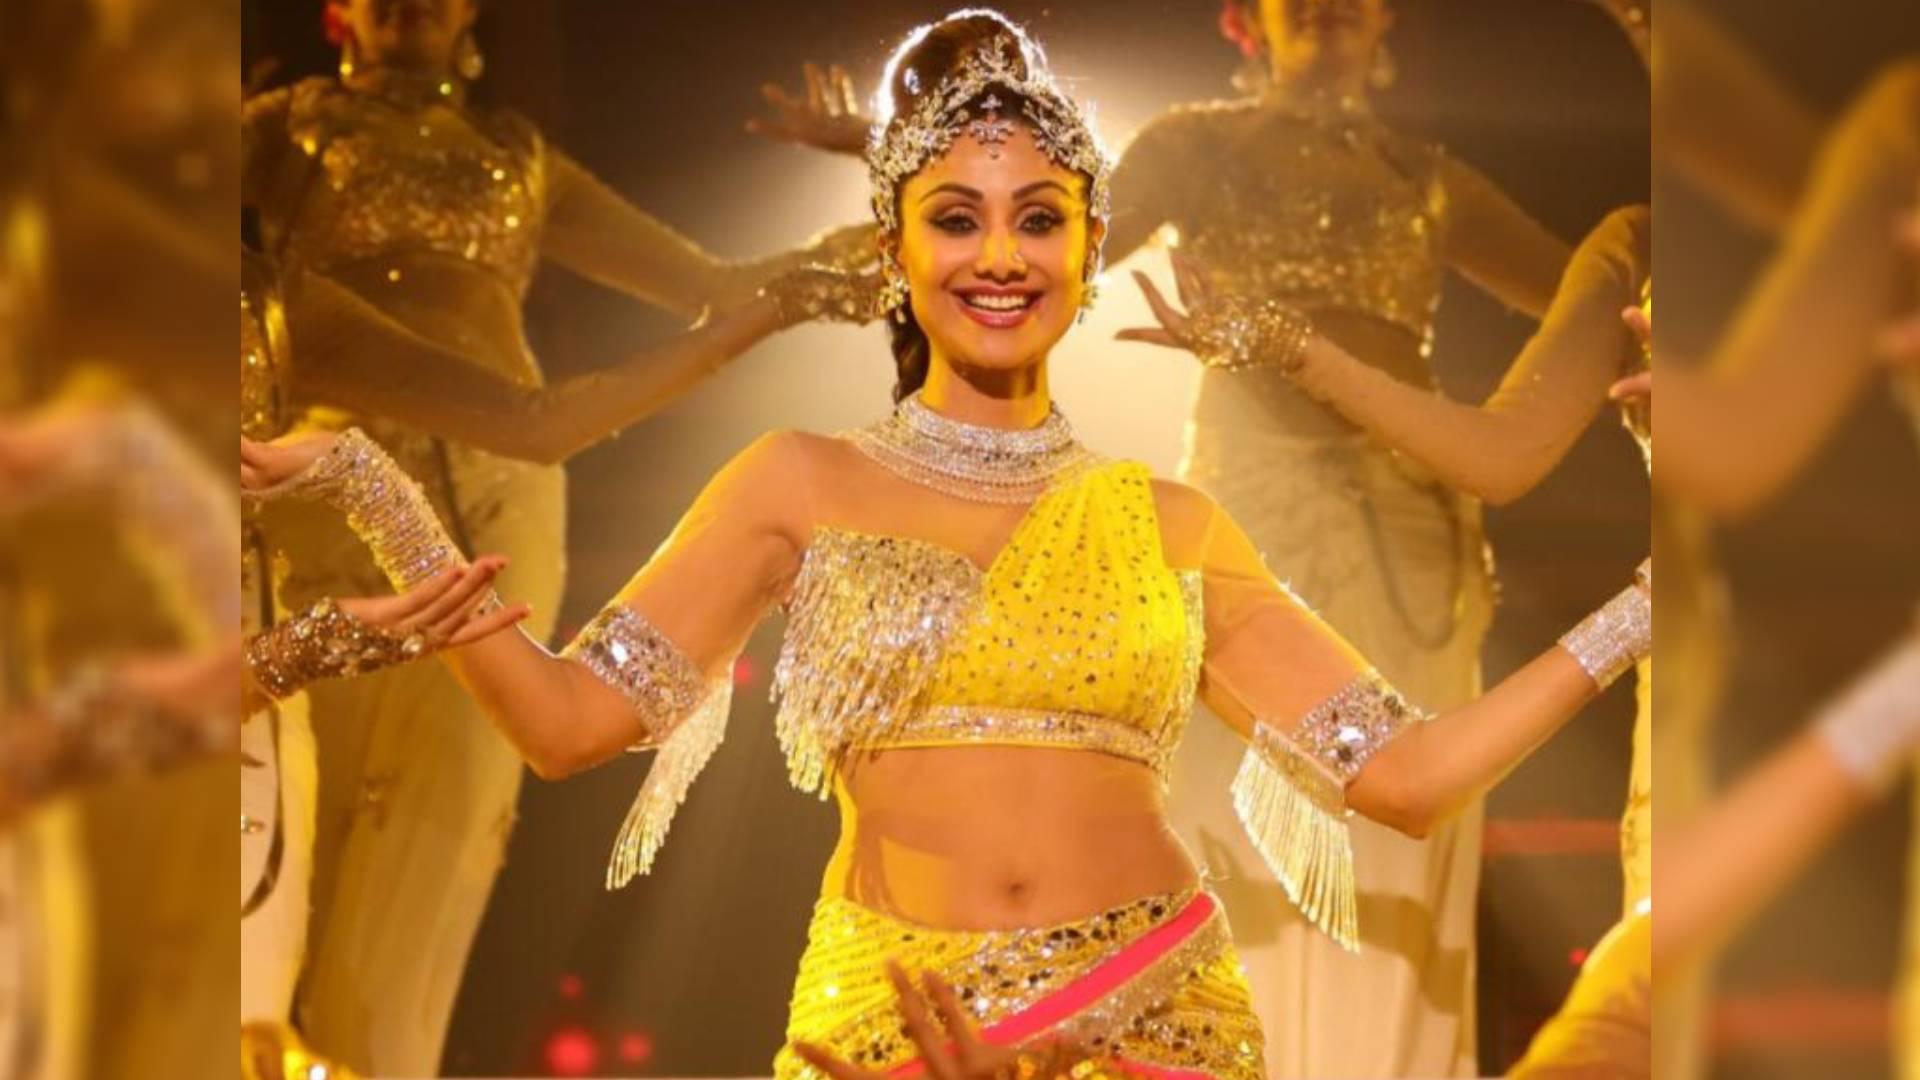 Super Dancer Chapter 3: शिल्पा शेट्टी करने जा रही हैं 25 साल बाद ये काम, फिनाले में लगाएंगी कुछ ऐसे तड़का